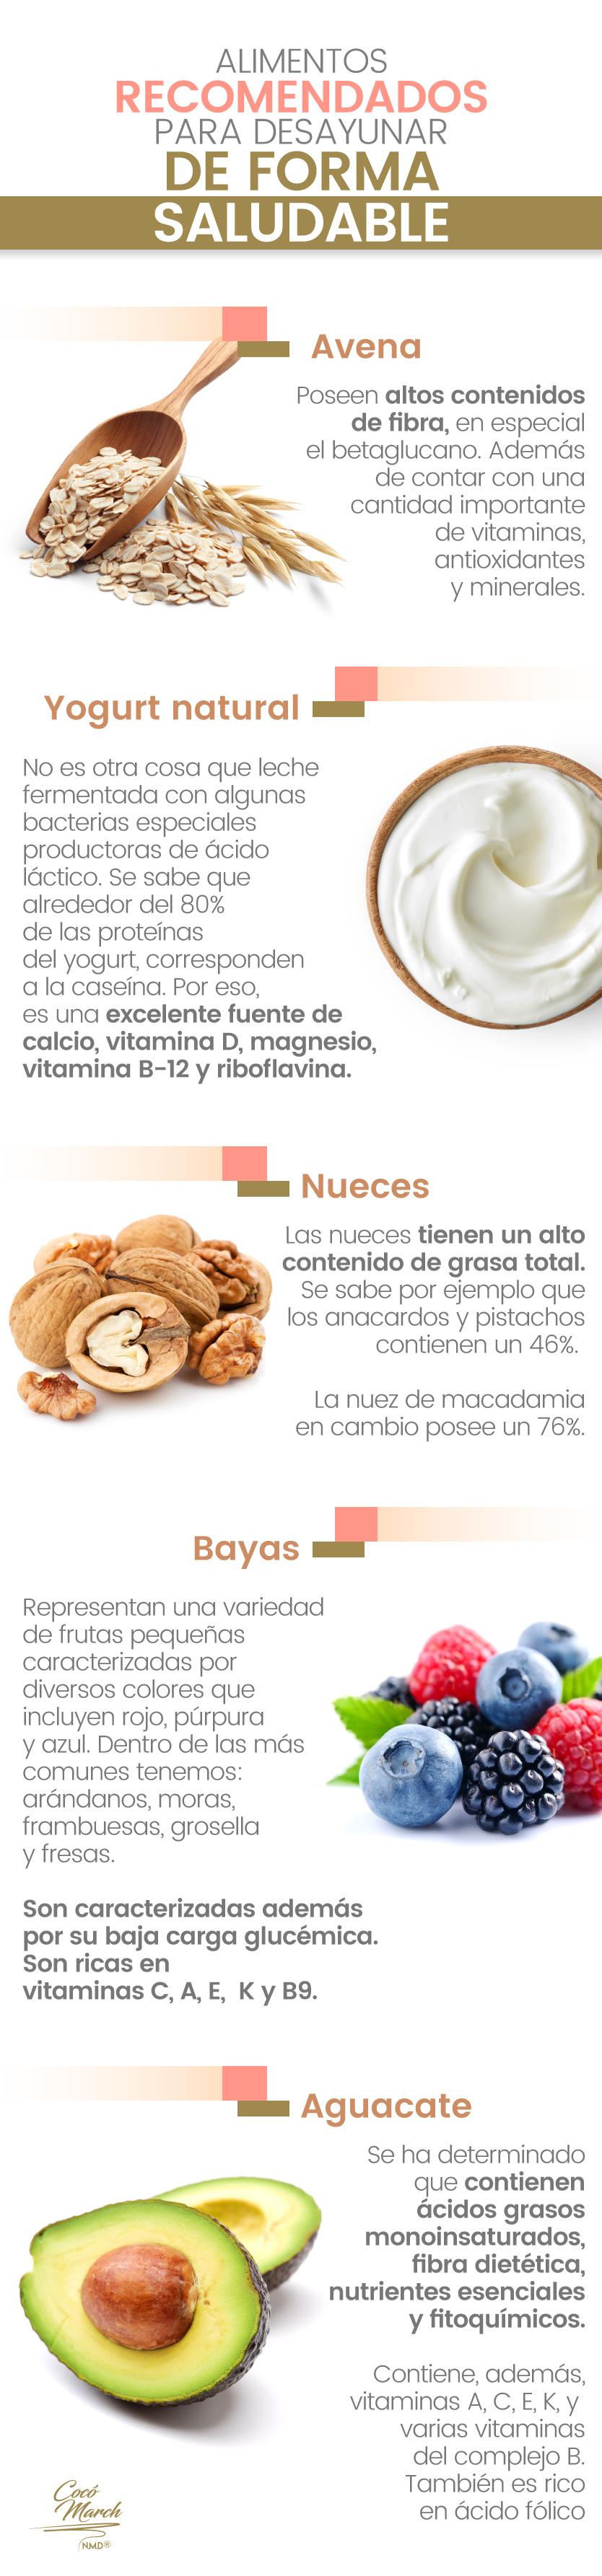 alimentos-recomndados-para-el-desayuno